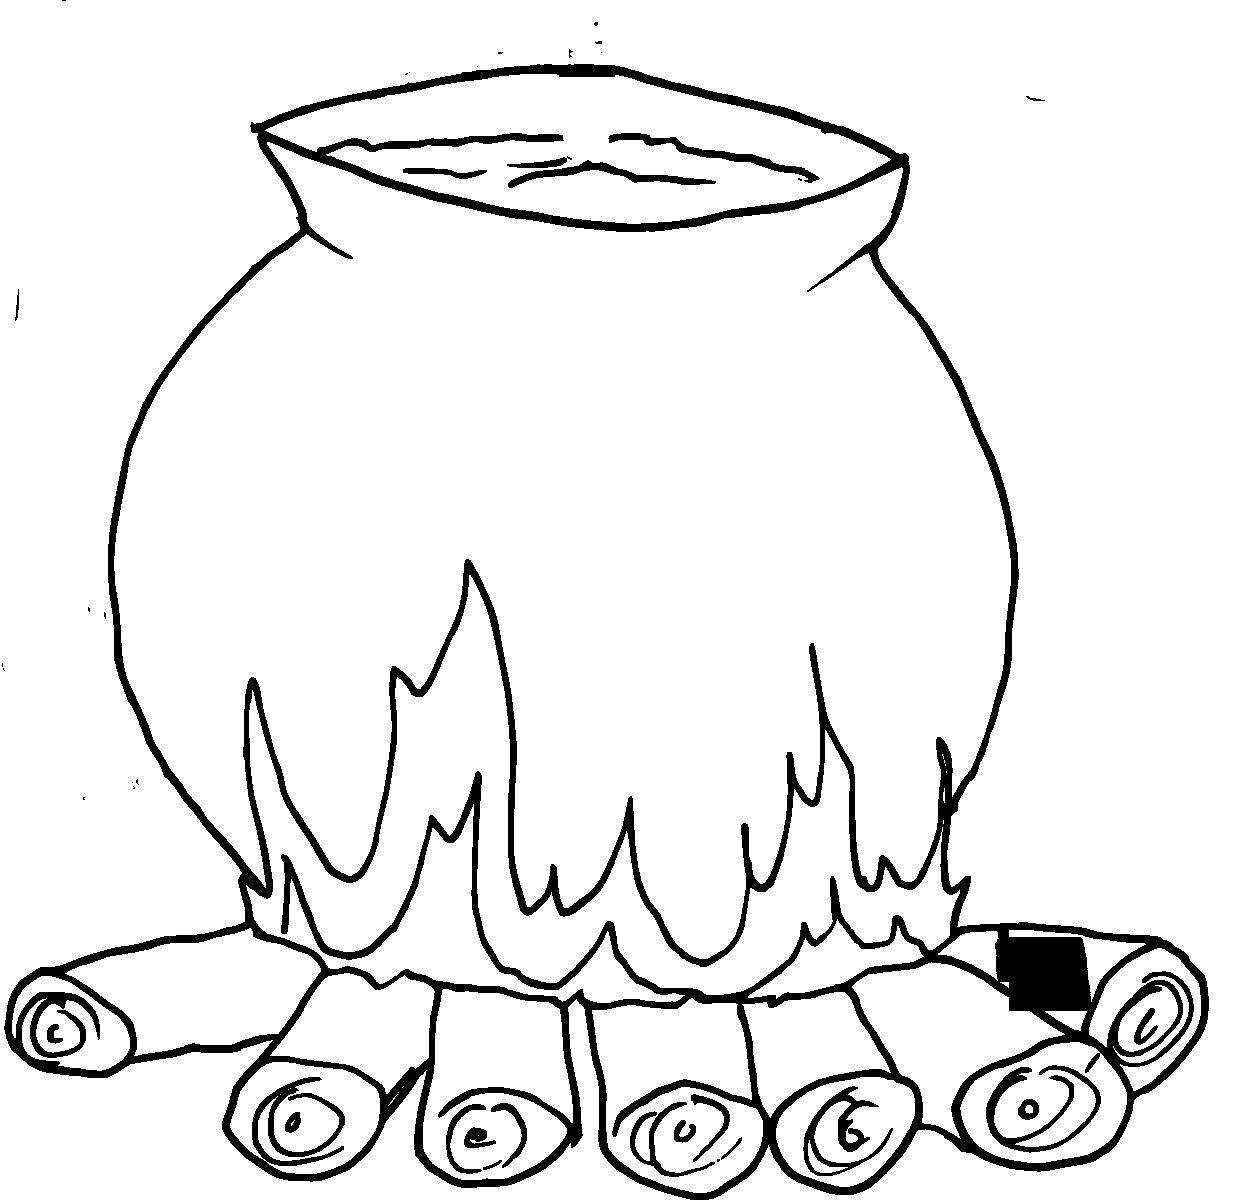 Coloriages d'objets Chaudron Coloriage, Coloriage